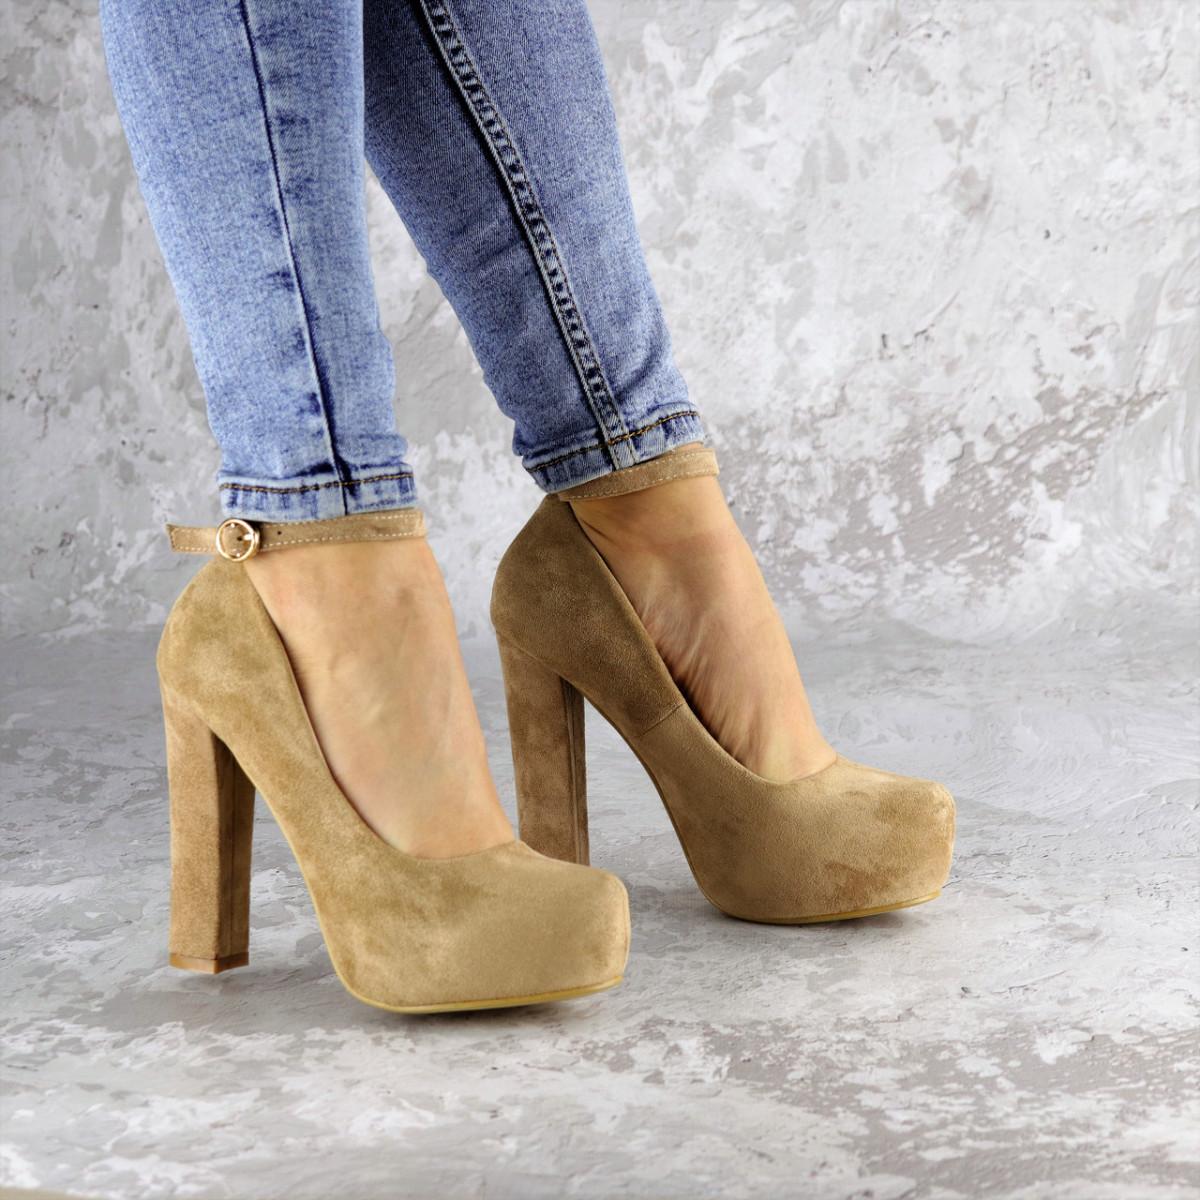 Туфли женские на каблуках Fashion Rich 1241 38 размер 24,5 см Бежевый